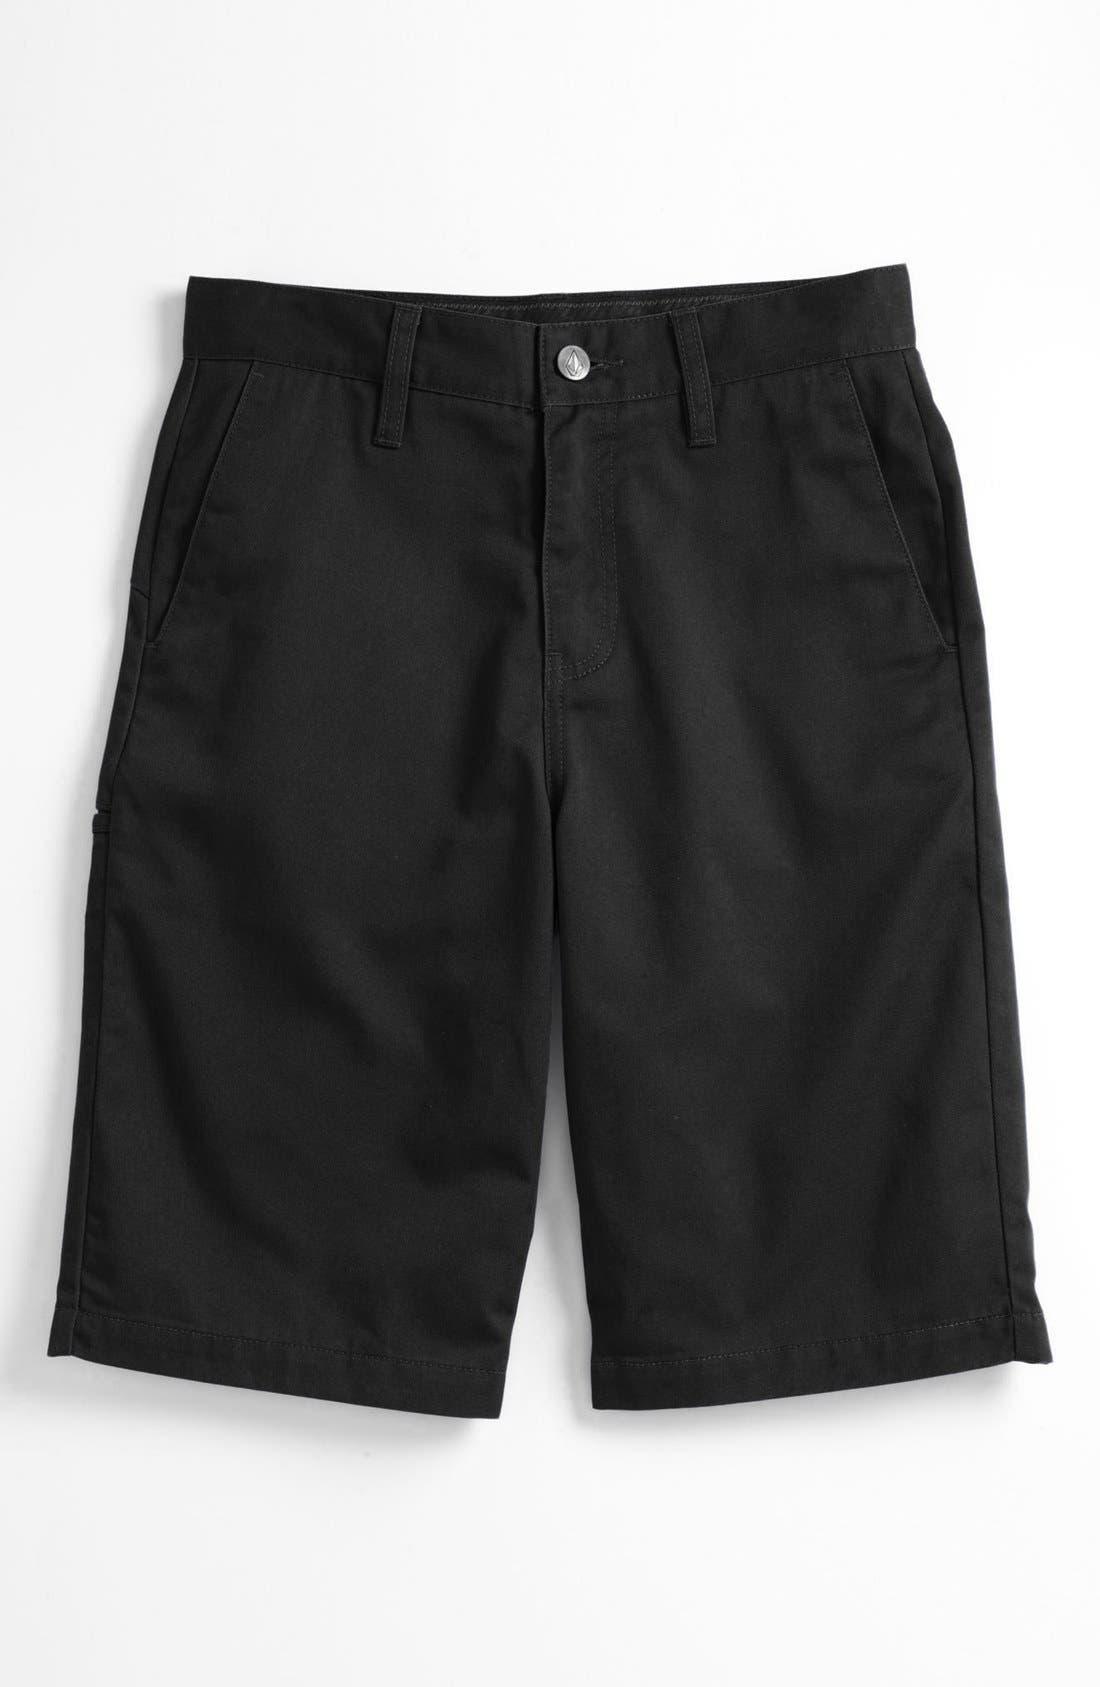 Alternate Image 3  - Volcom 'Friendly' Chino Shorts (Big Boys)